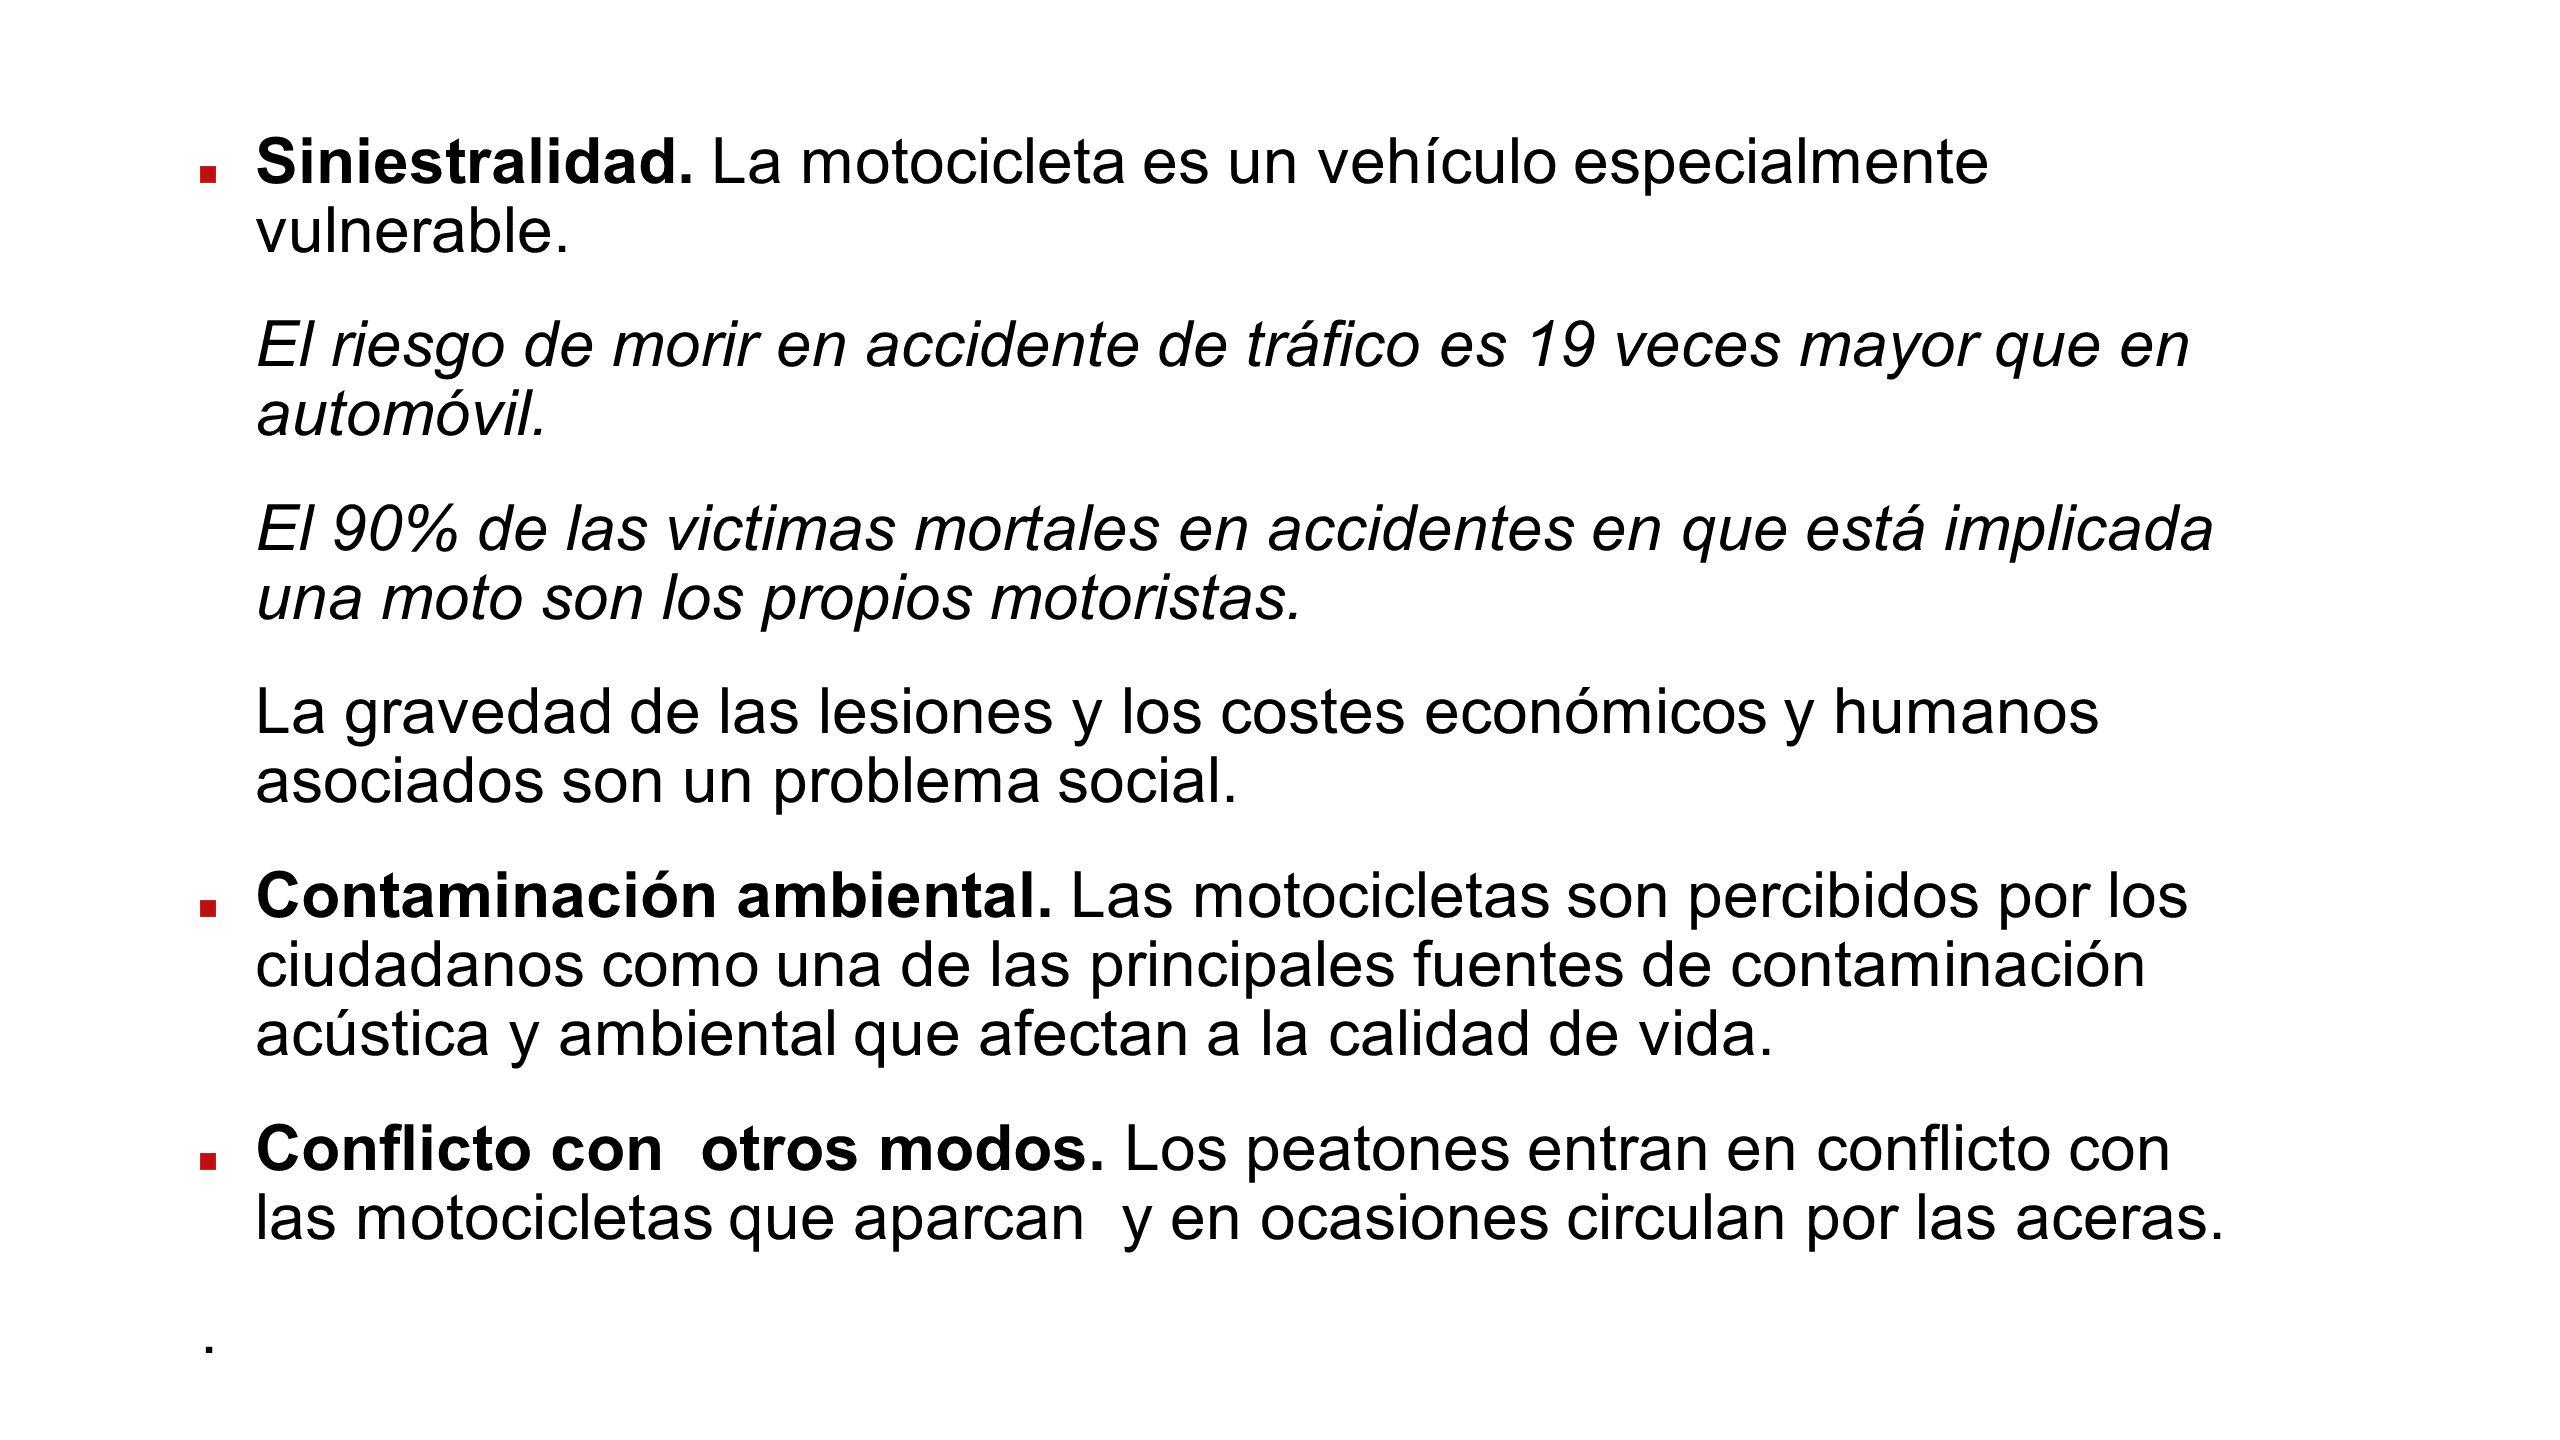 Siniestralidad. La motocicleta es un vehículo especialmente vulnerable. El riesgo de morir en accidente de tráfico es 19 veces mayor que en automóvil.